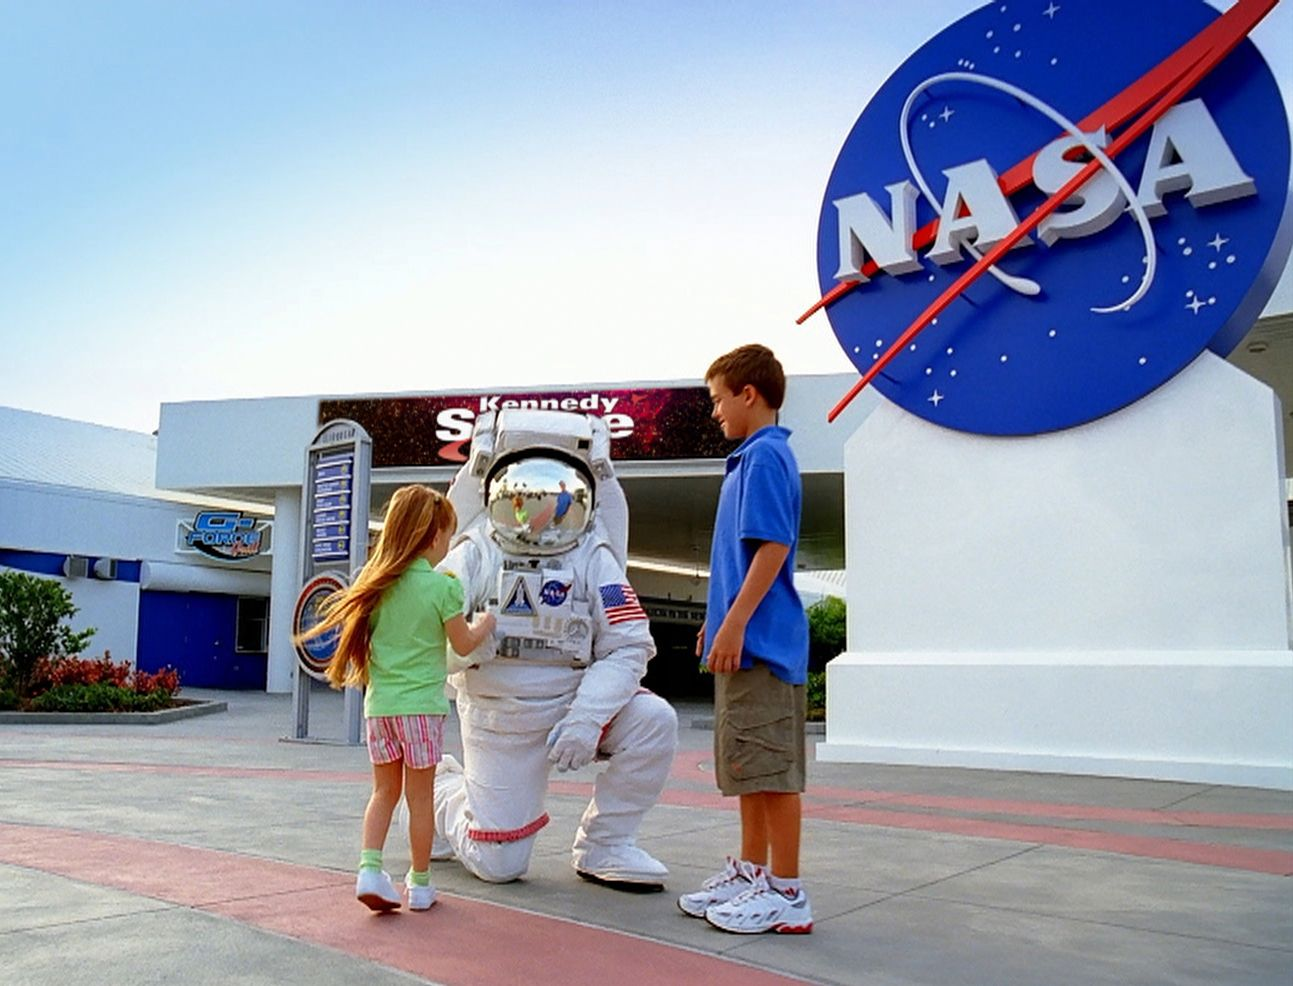 Meet an Astronaut at Kennedy Space Center